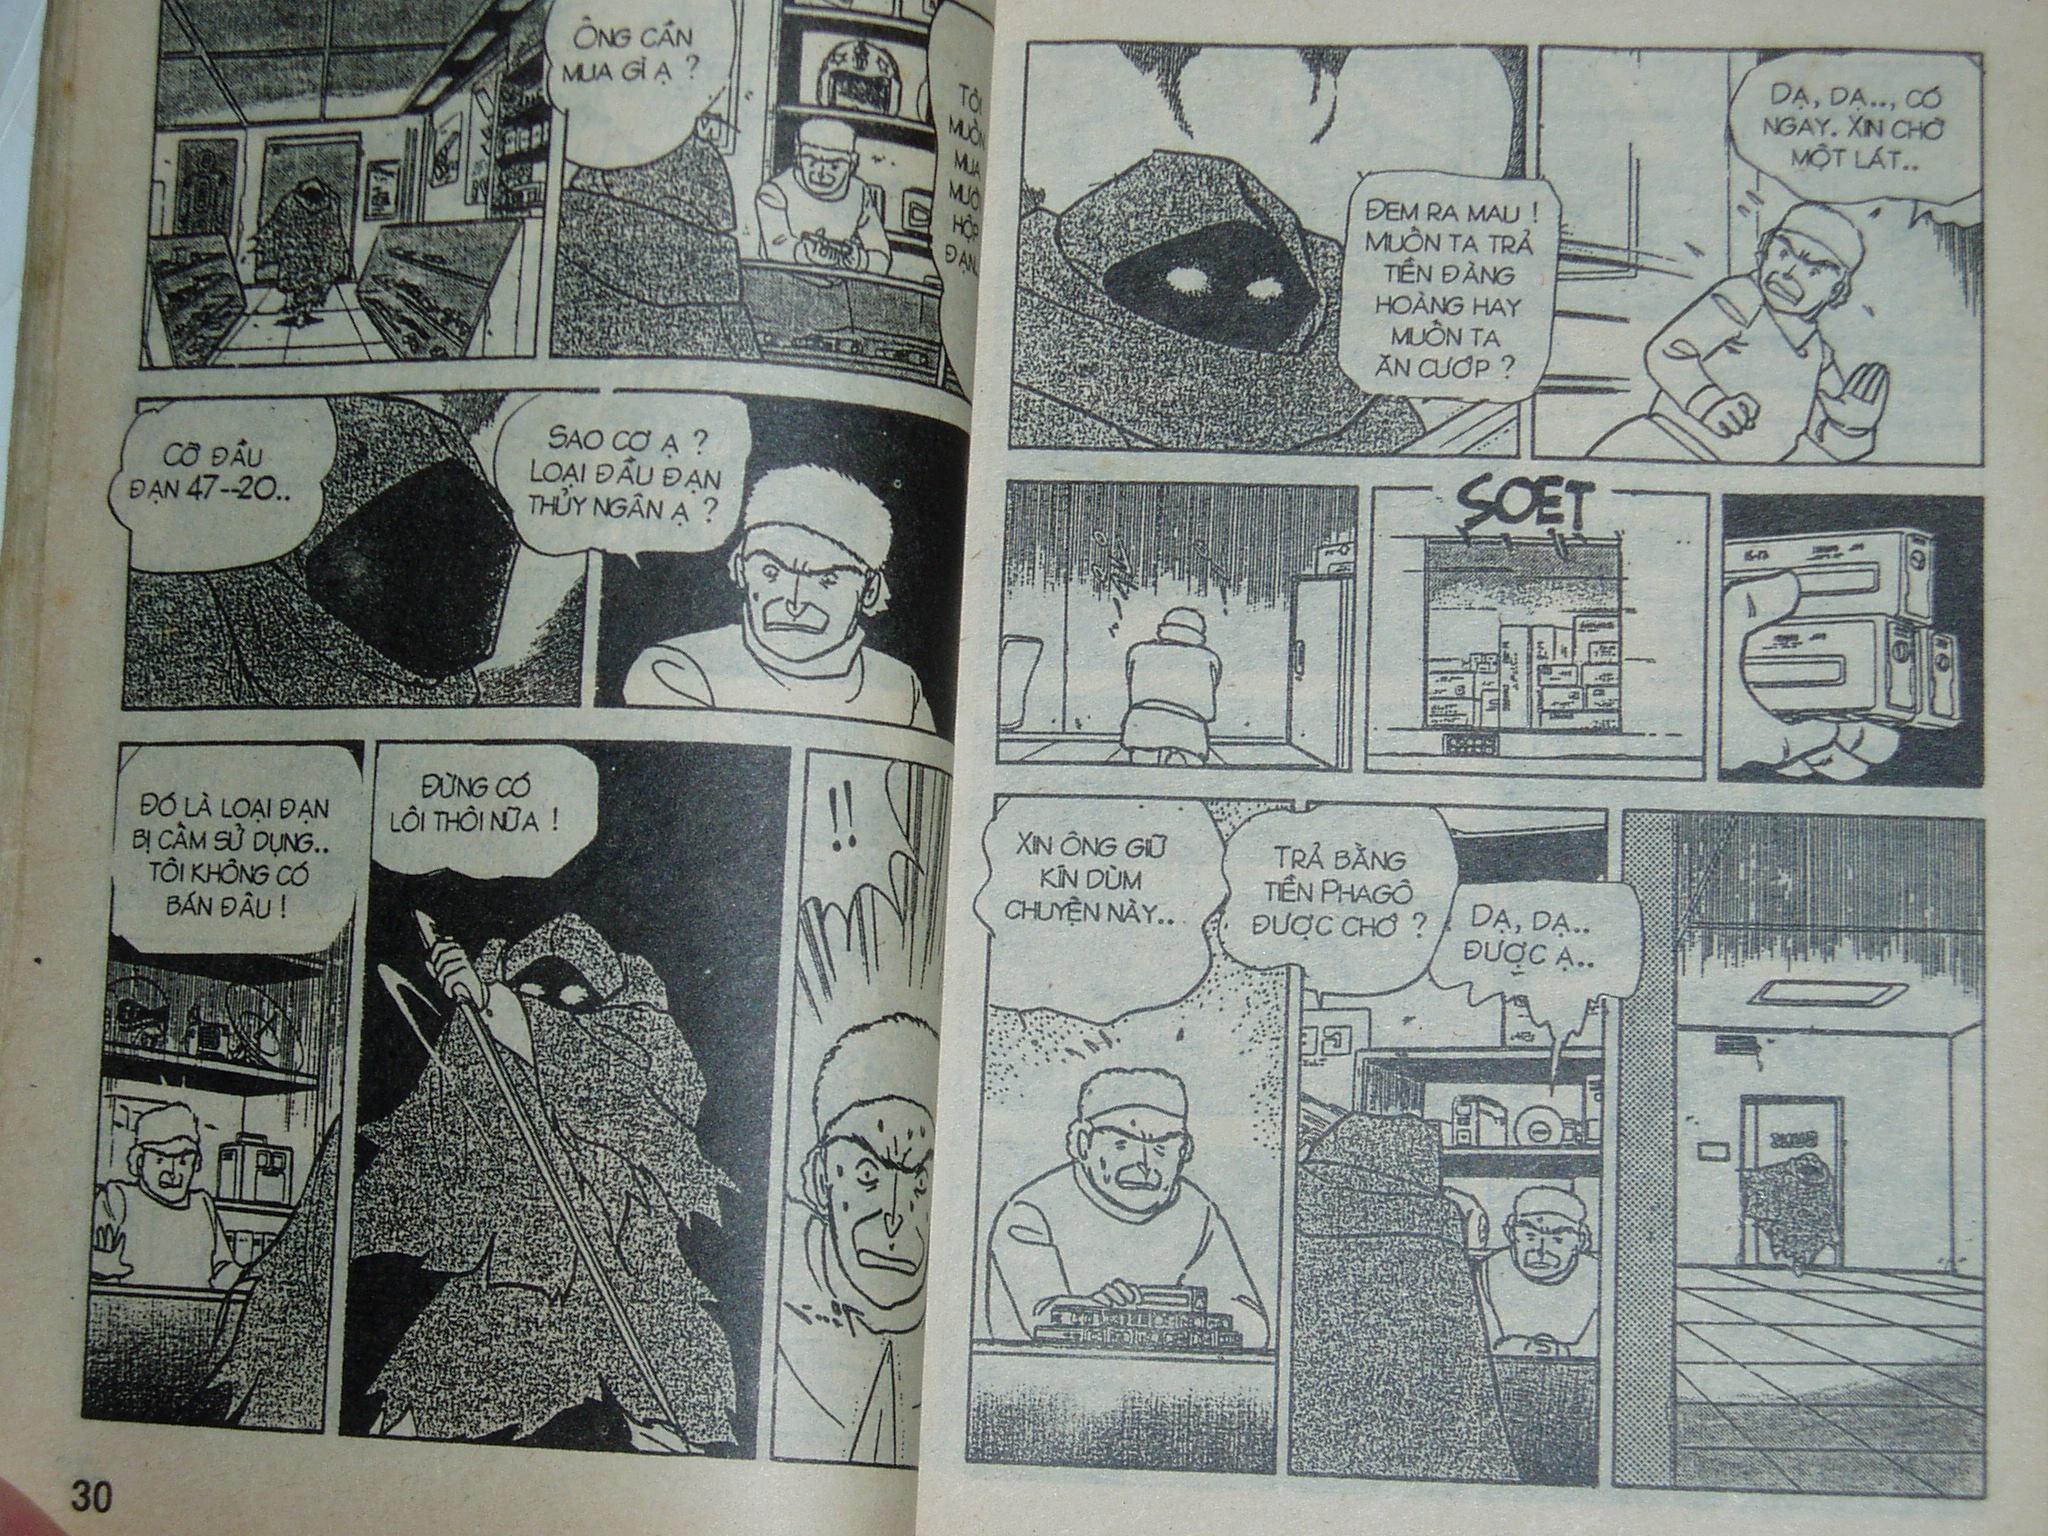 Siêu nhân Locke vol 16 trang 14